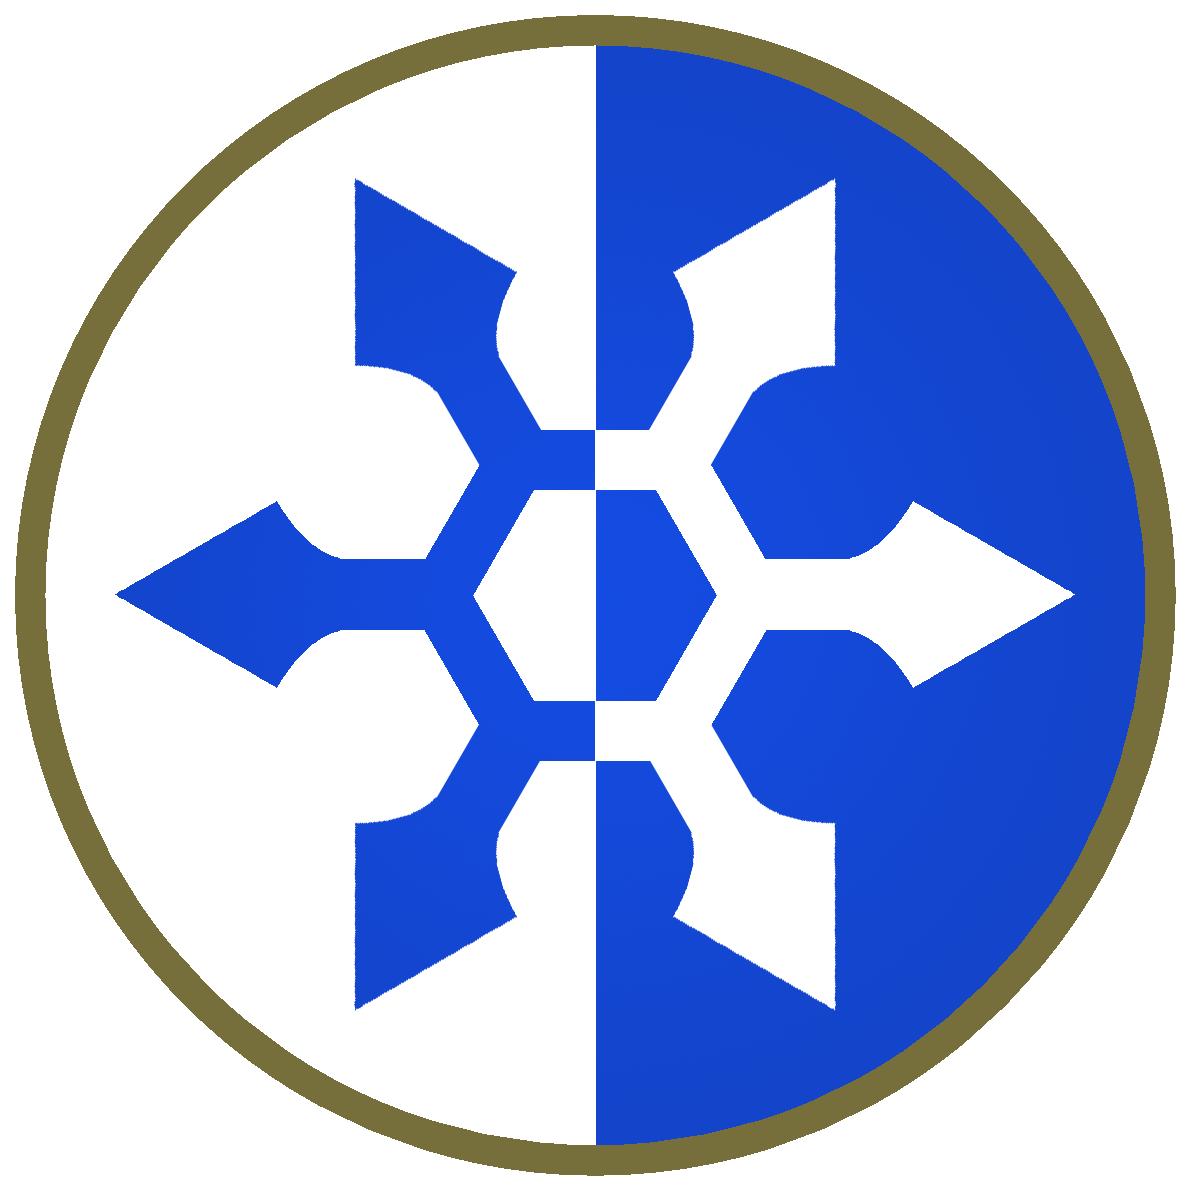 Xxxiii XXXIII Corps (United S...